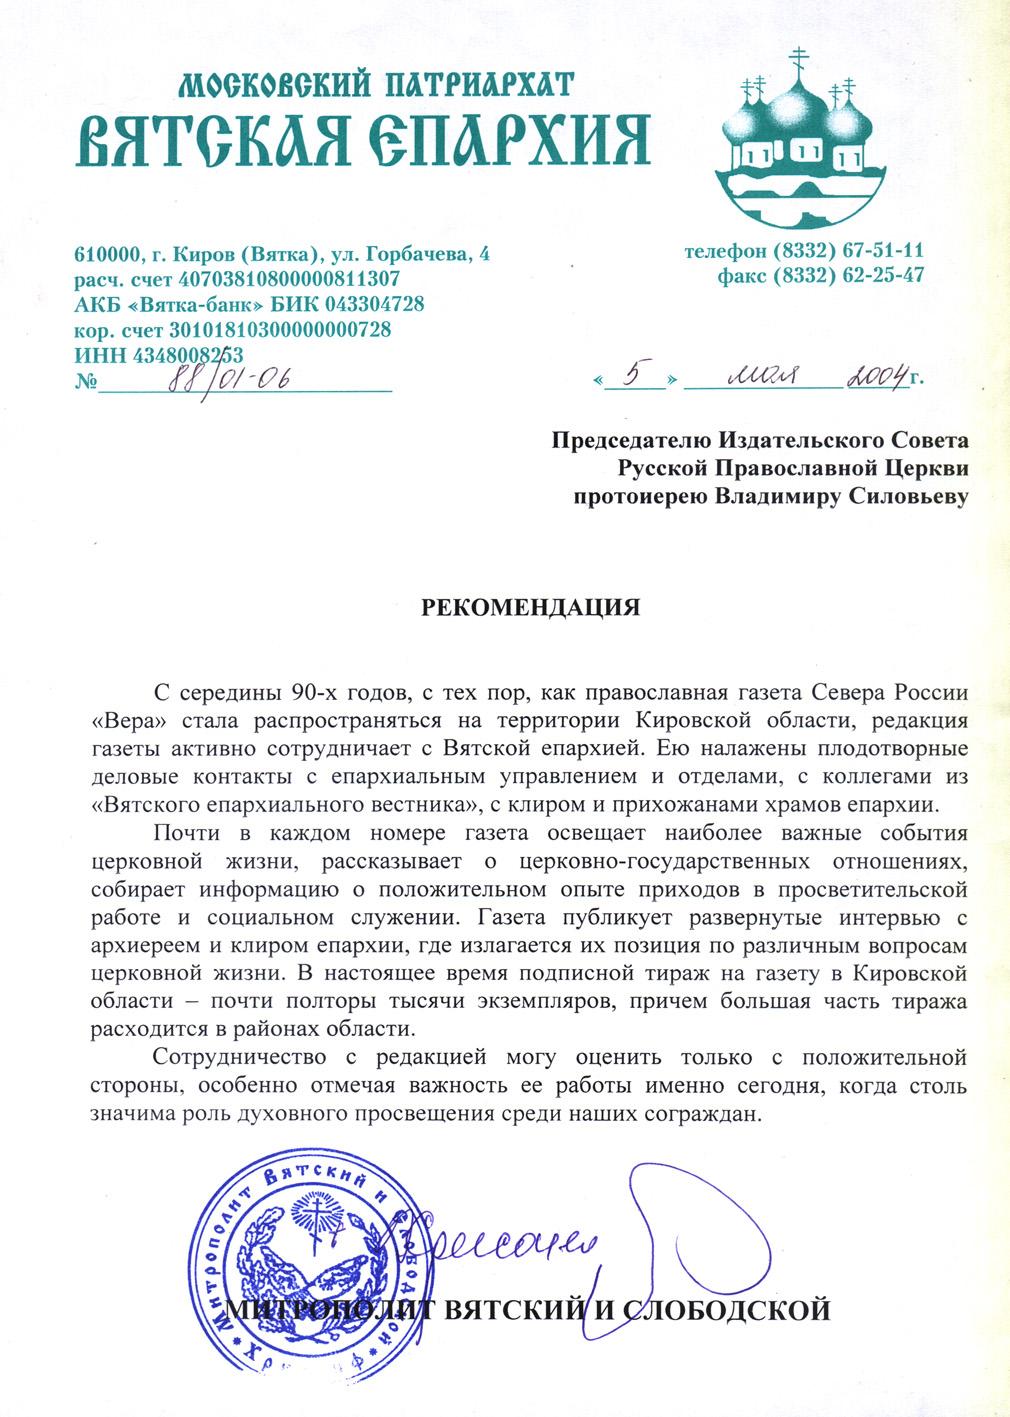 рекомендация Киров